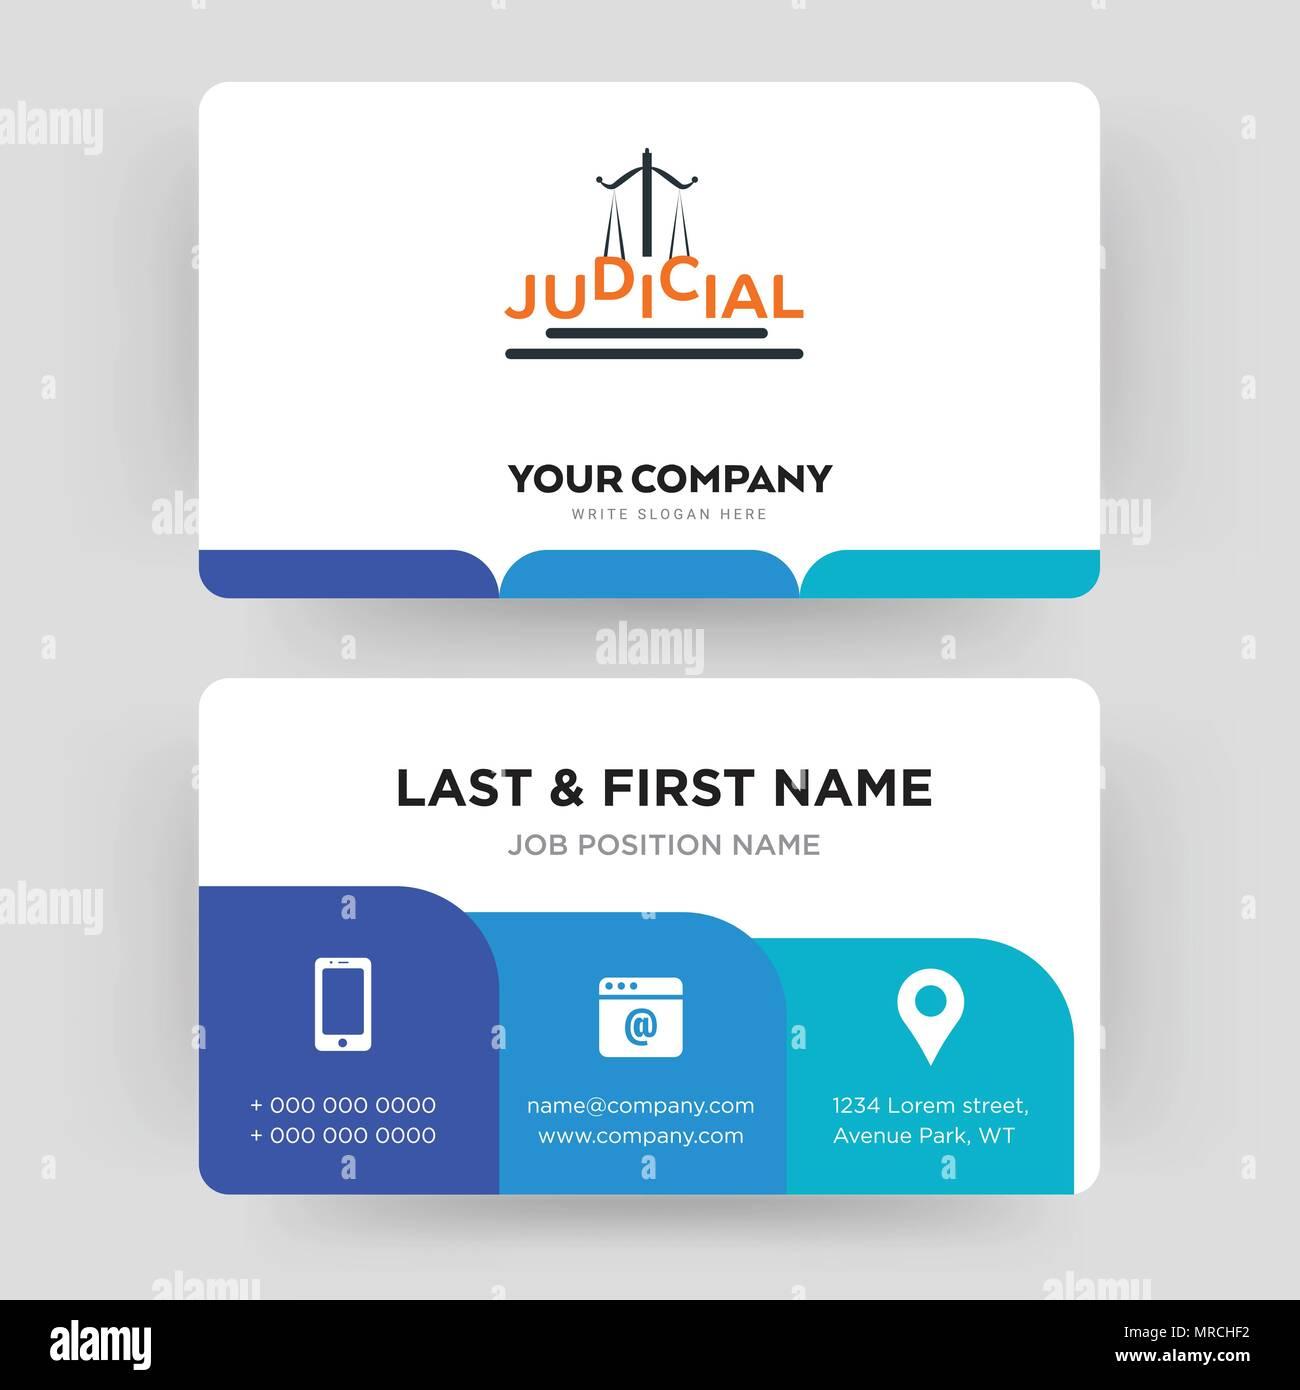 Affaires Judiciaires Modele De Conception Carte Visite Pour Votre Entreprise Creative Et Moderne Didentite Propre Vector